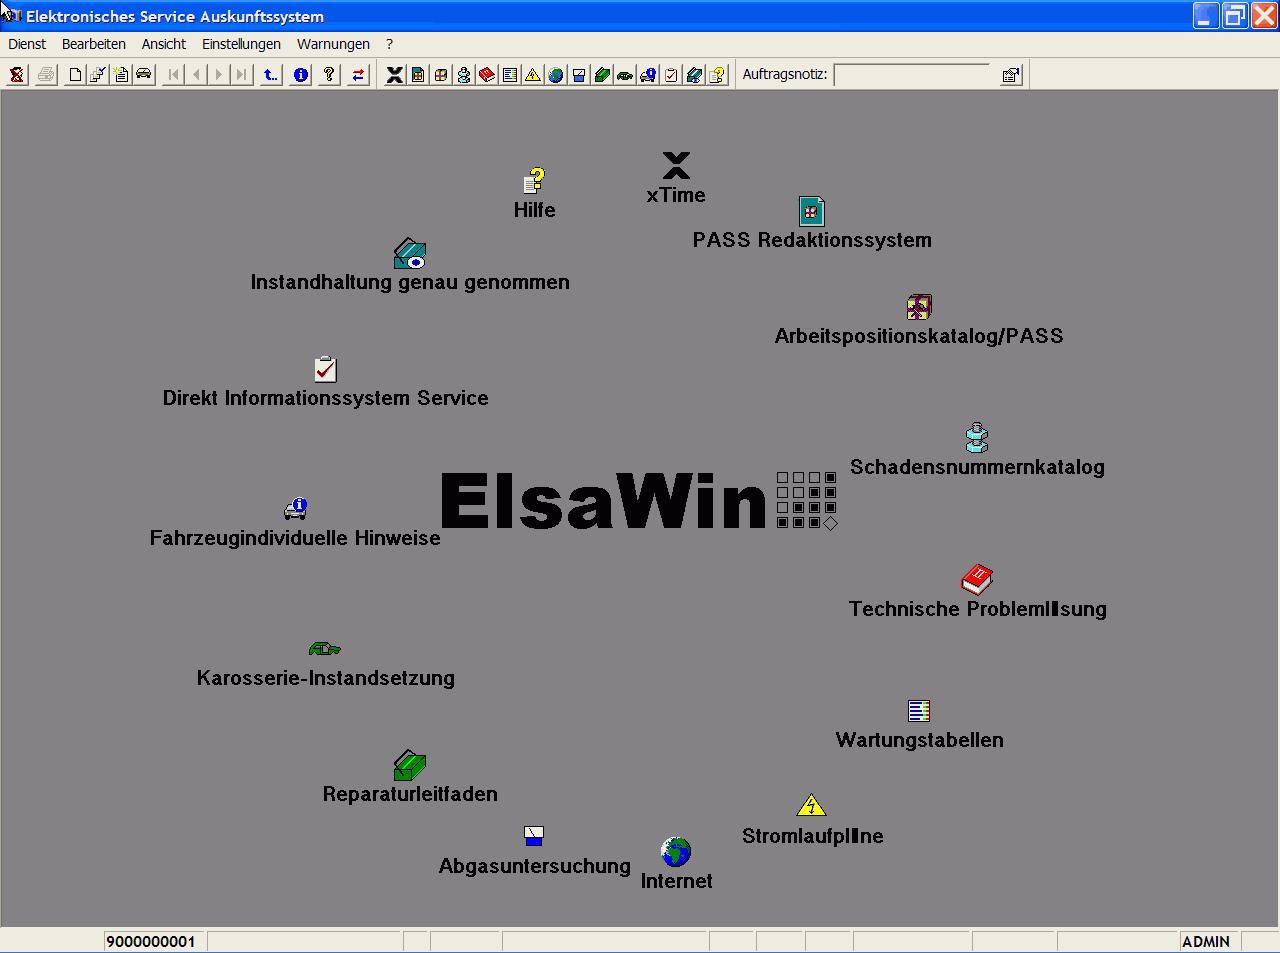 elsawin 3.7